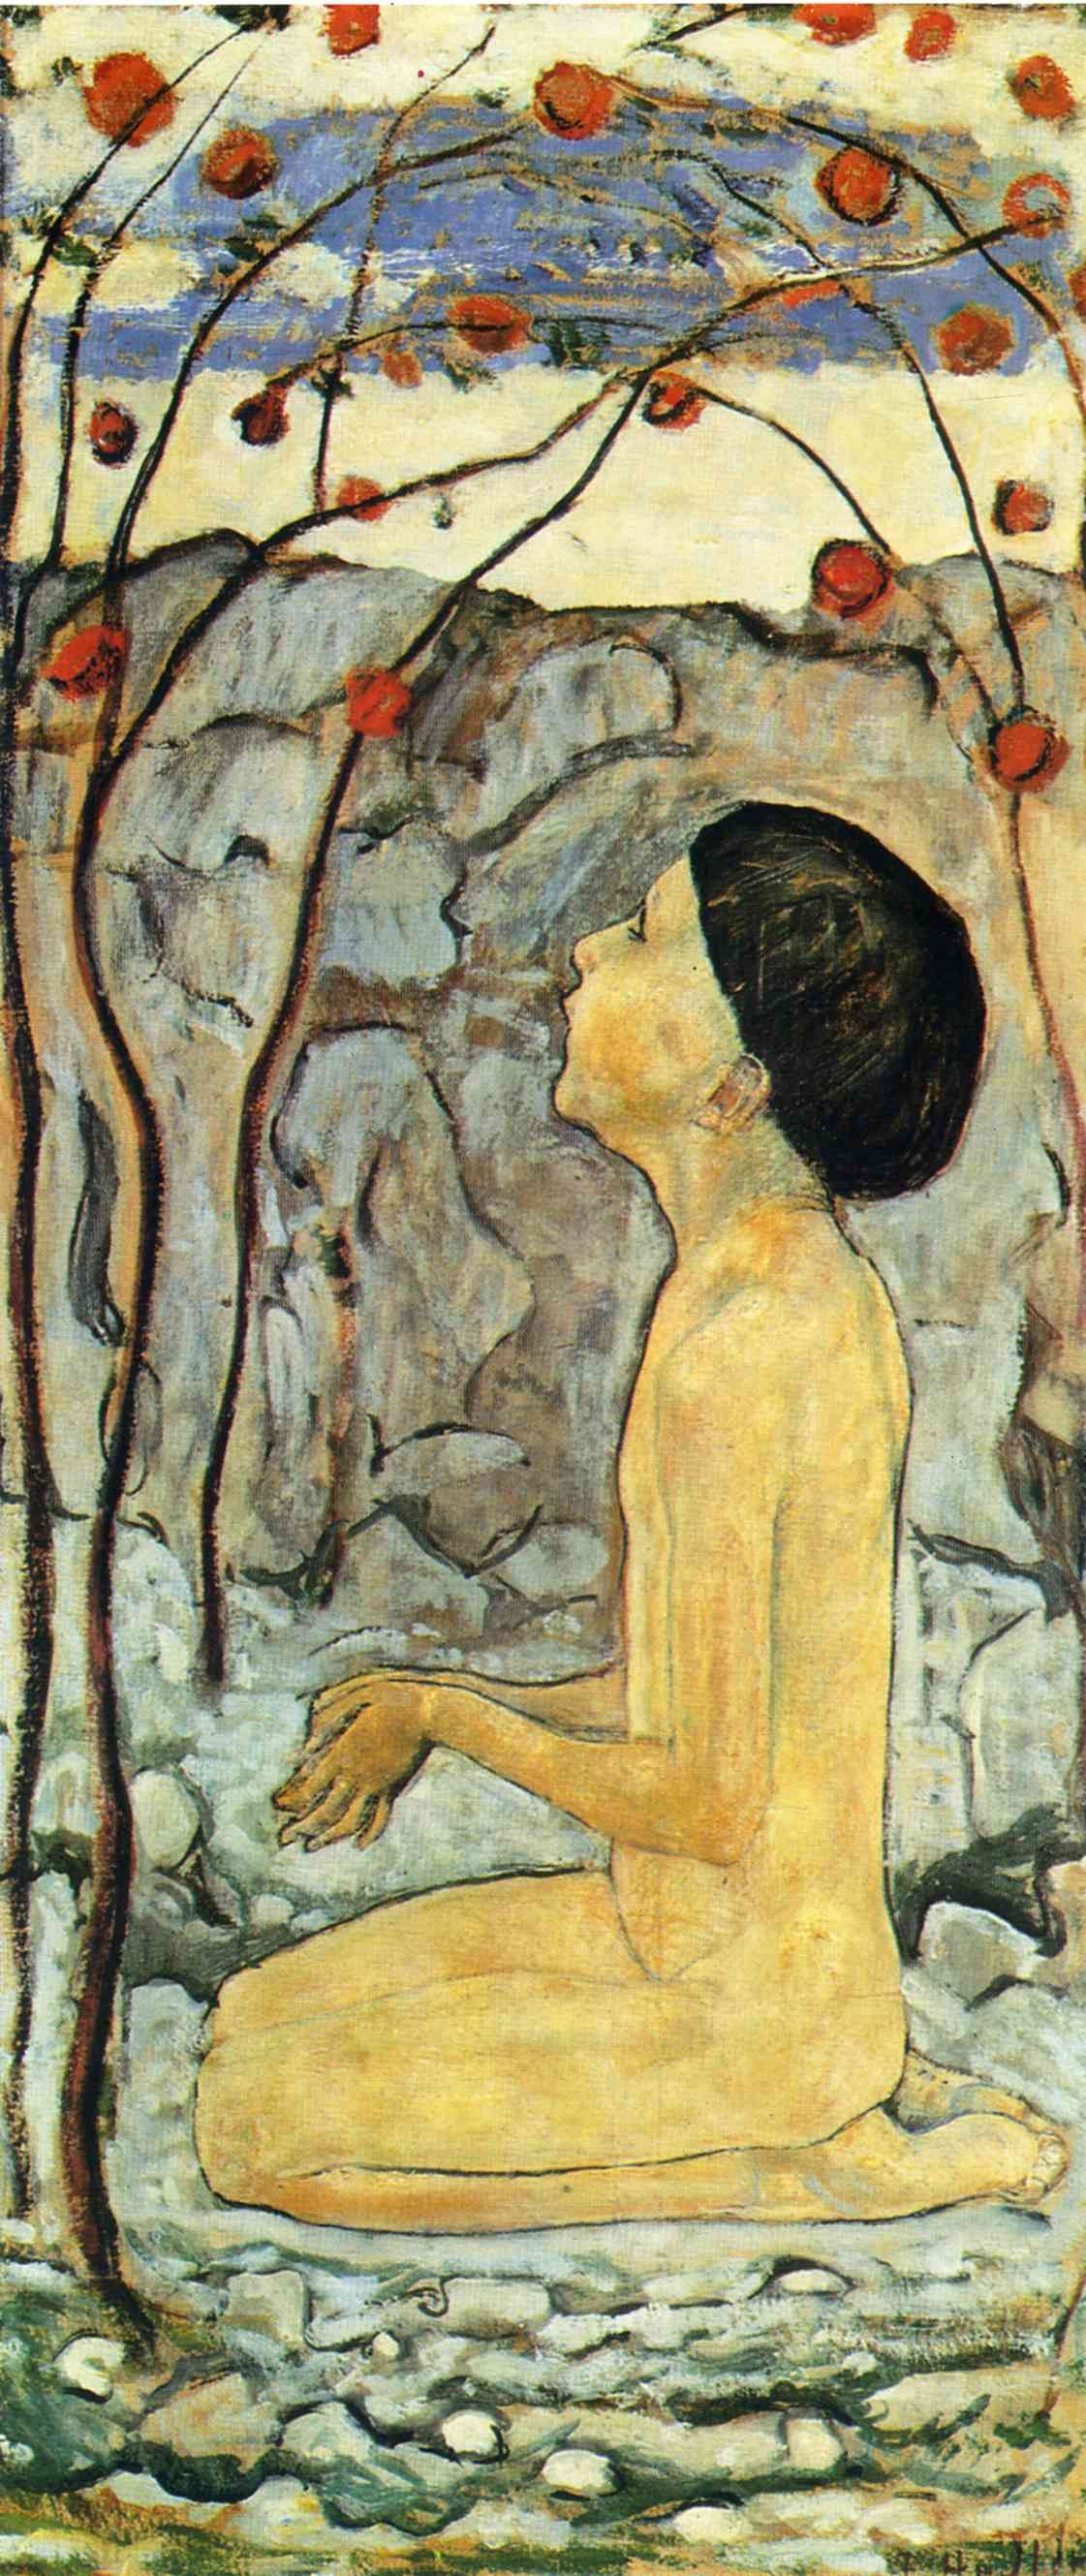 Adoration - Ferdinand Hodler.Uno de los más destacados pintores suizos del siglo XIX